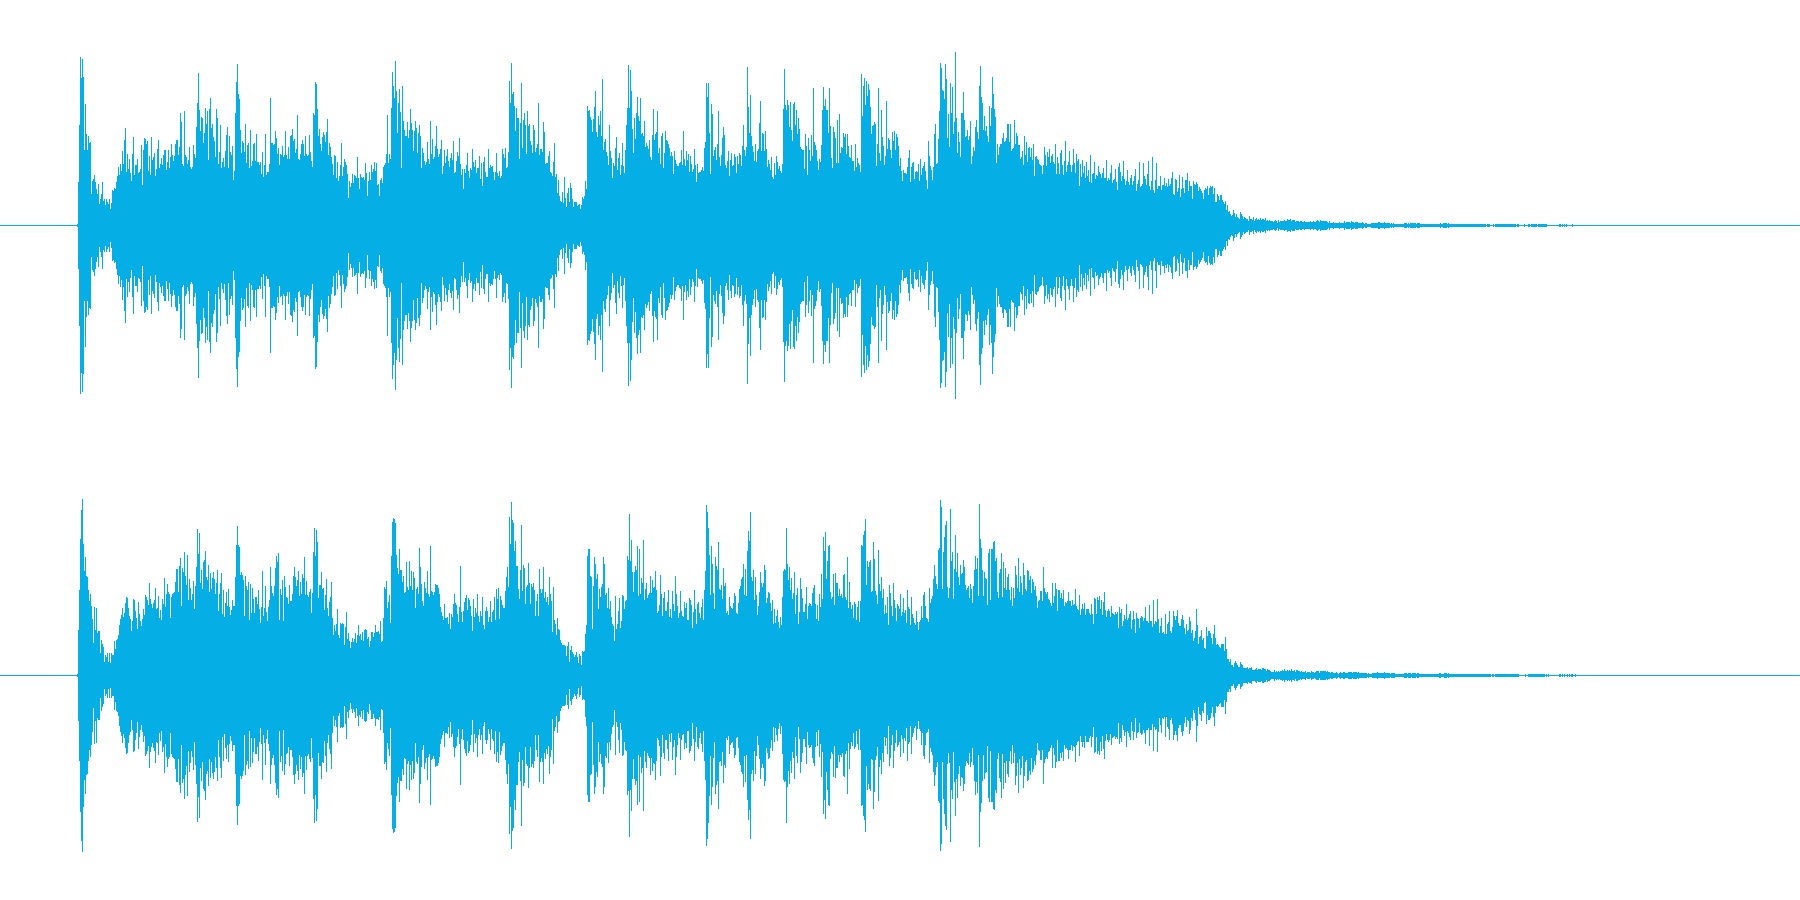 ドタバタと賑やかなロックバンドのジングルの再生済みの波形